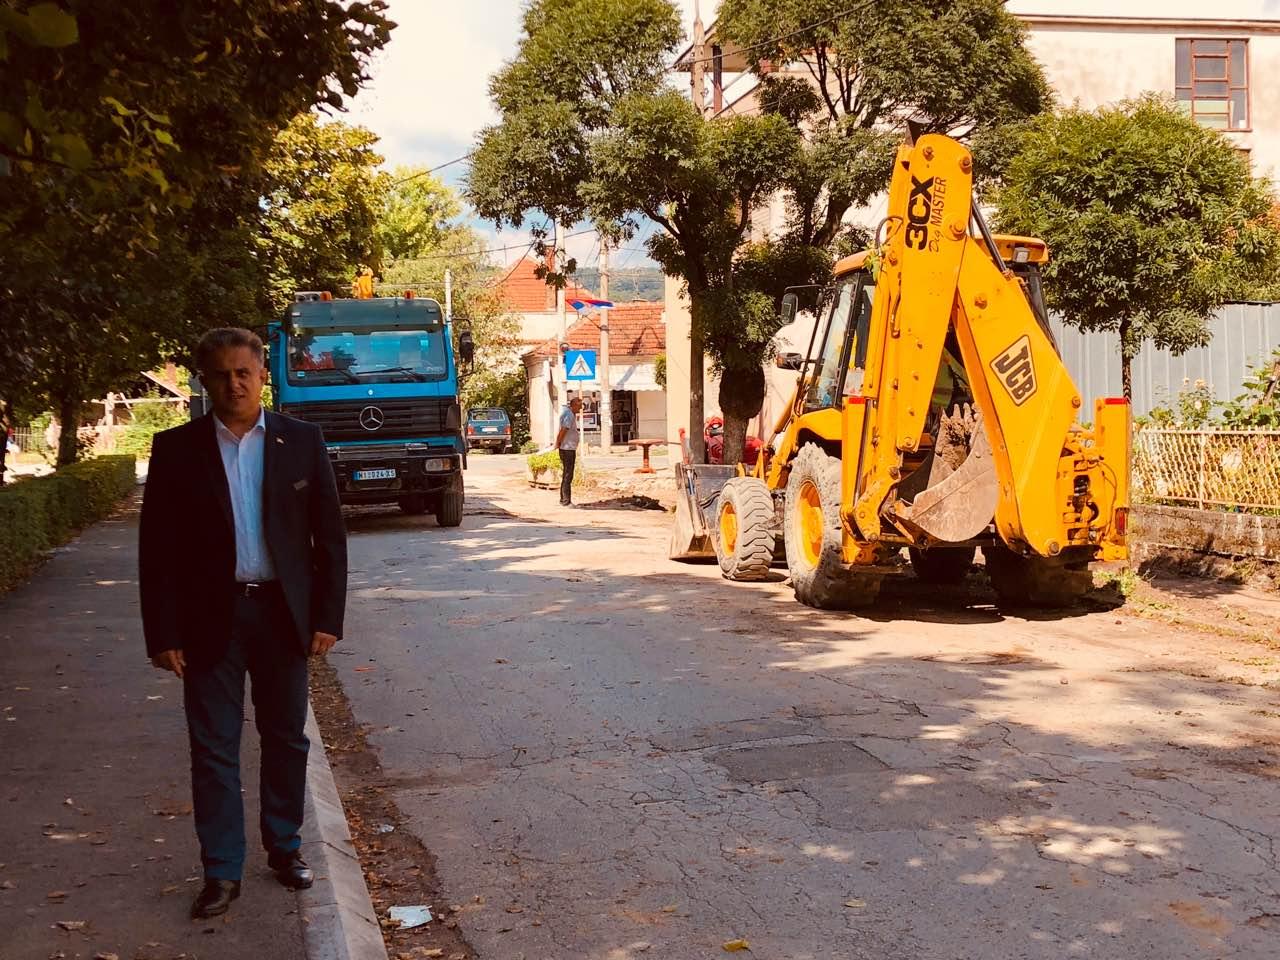 NOVI RADOVI: Novi trotoari u ulici Bore Price